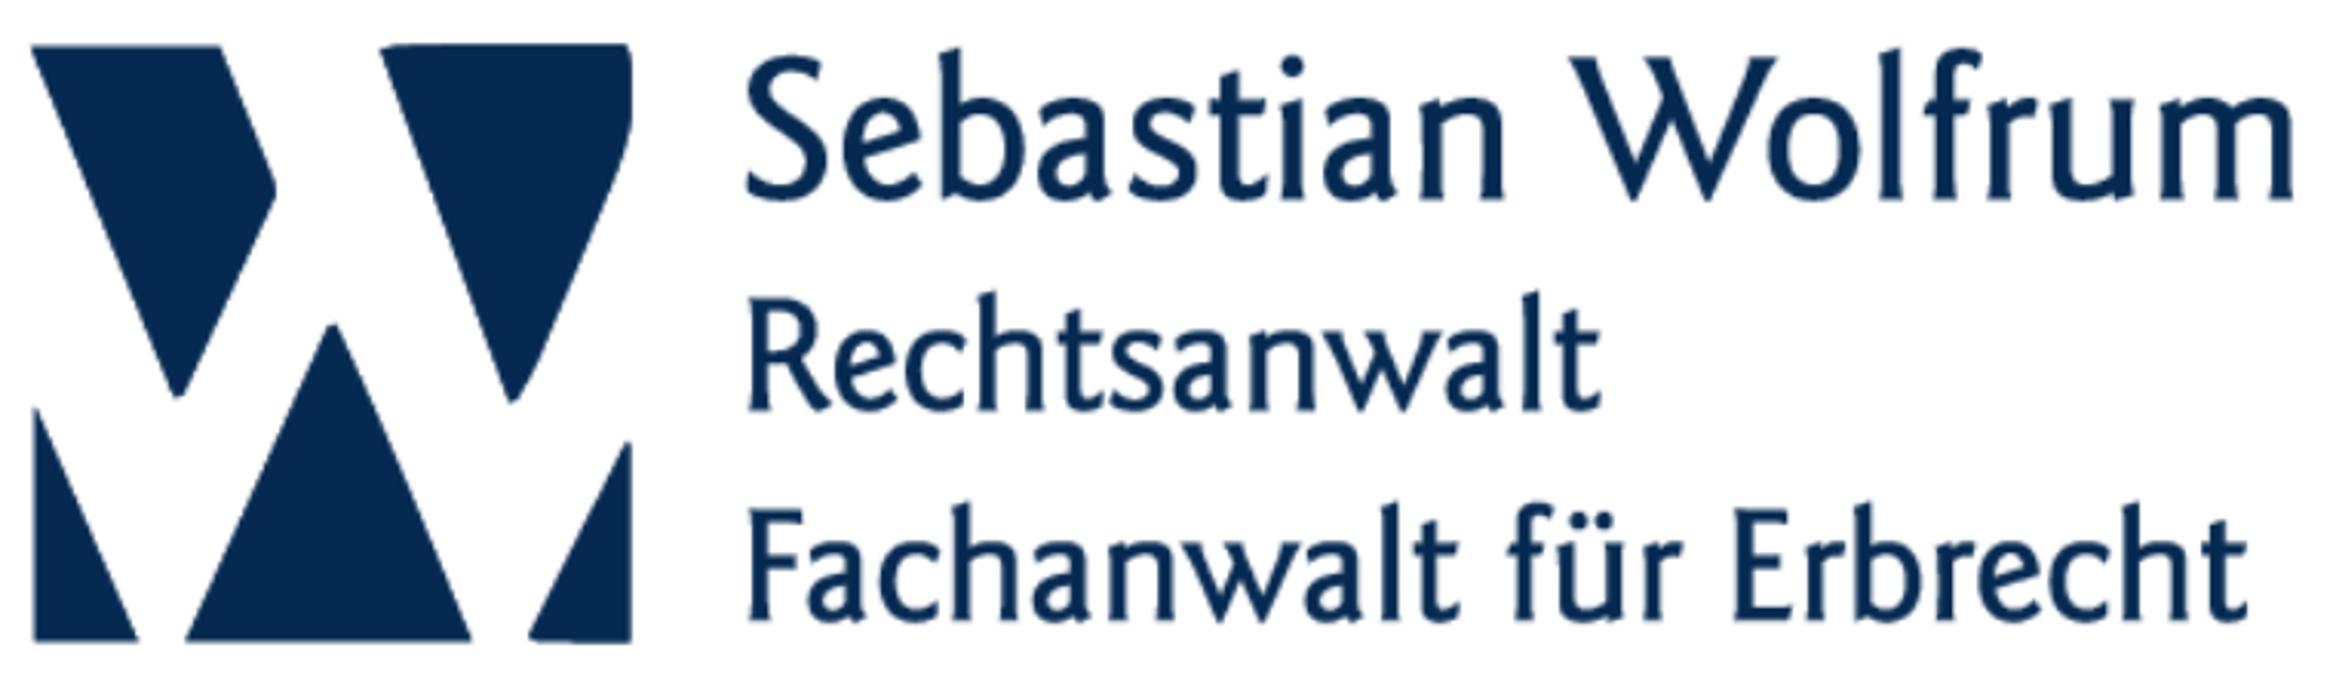 Bild zu Rechtsanwaltskanzlei Sebastian Wolfrum Fachanwalt für Erbrecht in Aachen